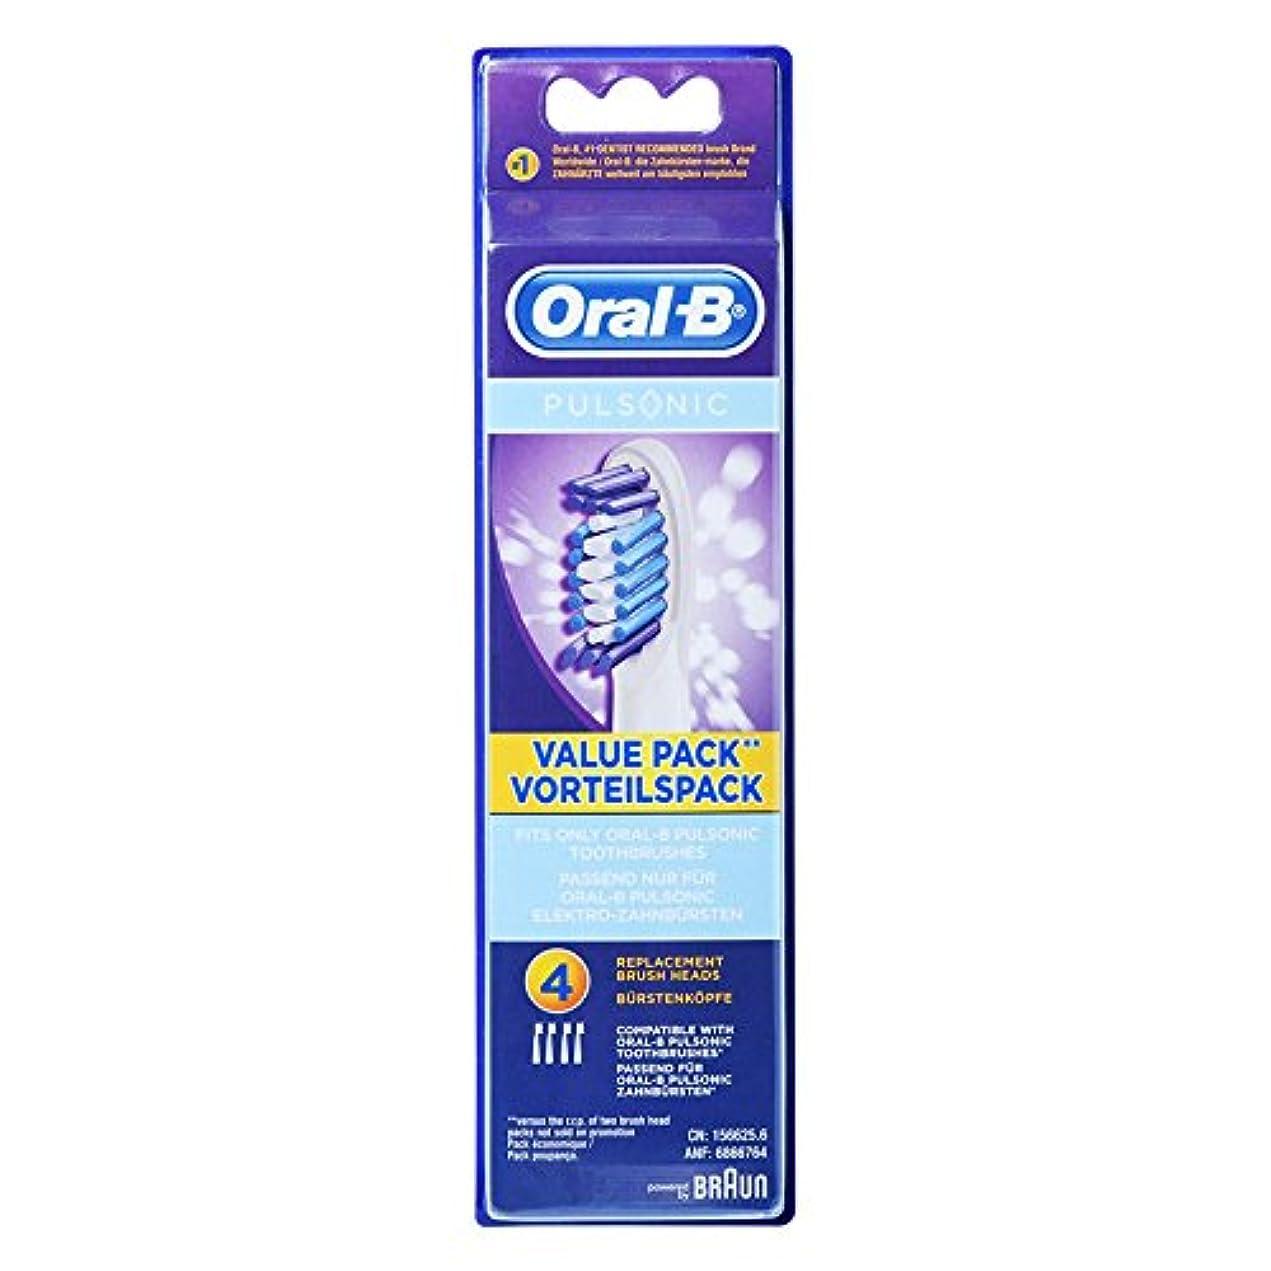 サスペンド無声でパイントBraun Oral-B SR32-4 Pulsonic Value Pack 交換用ブラシヘッド 1Pack [並行輸入品]